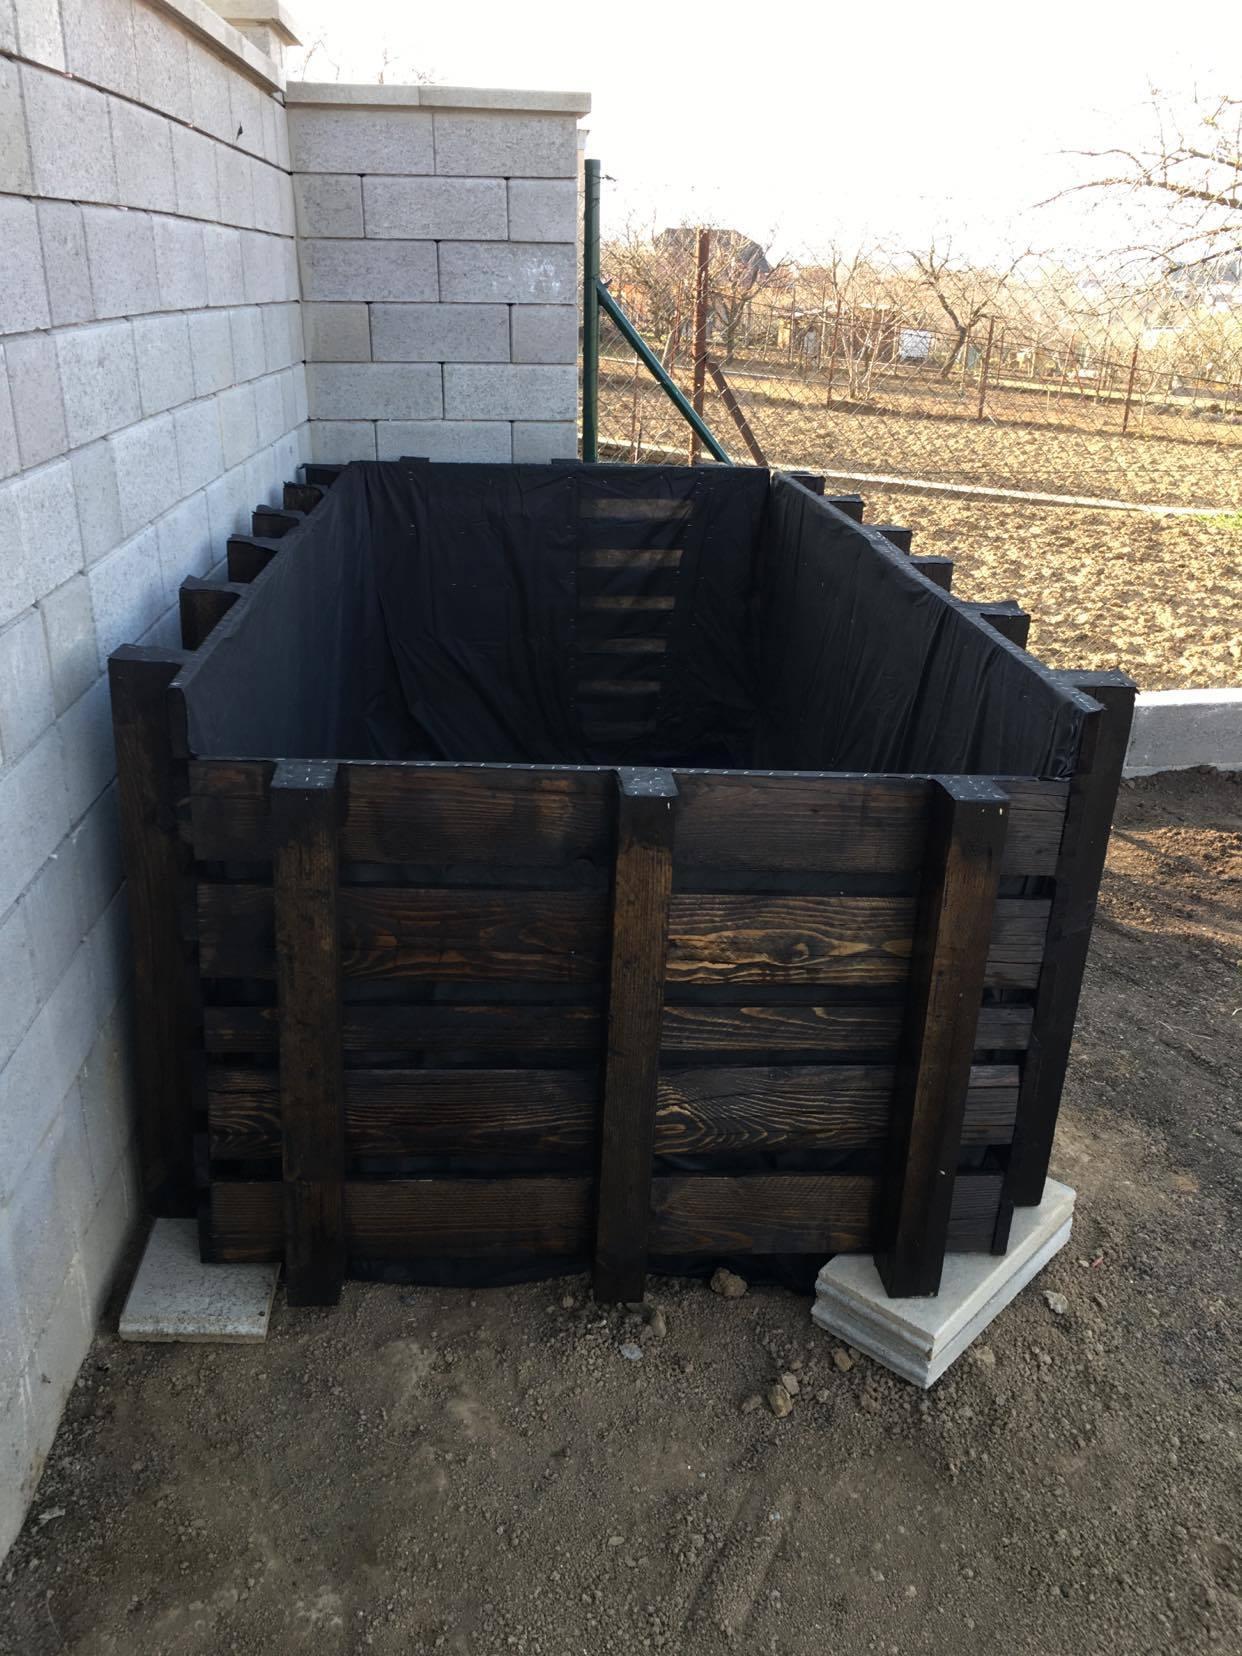 Exteriér - úžitková časť záhrady - ... no a kompostér nesmie chýbať :-)